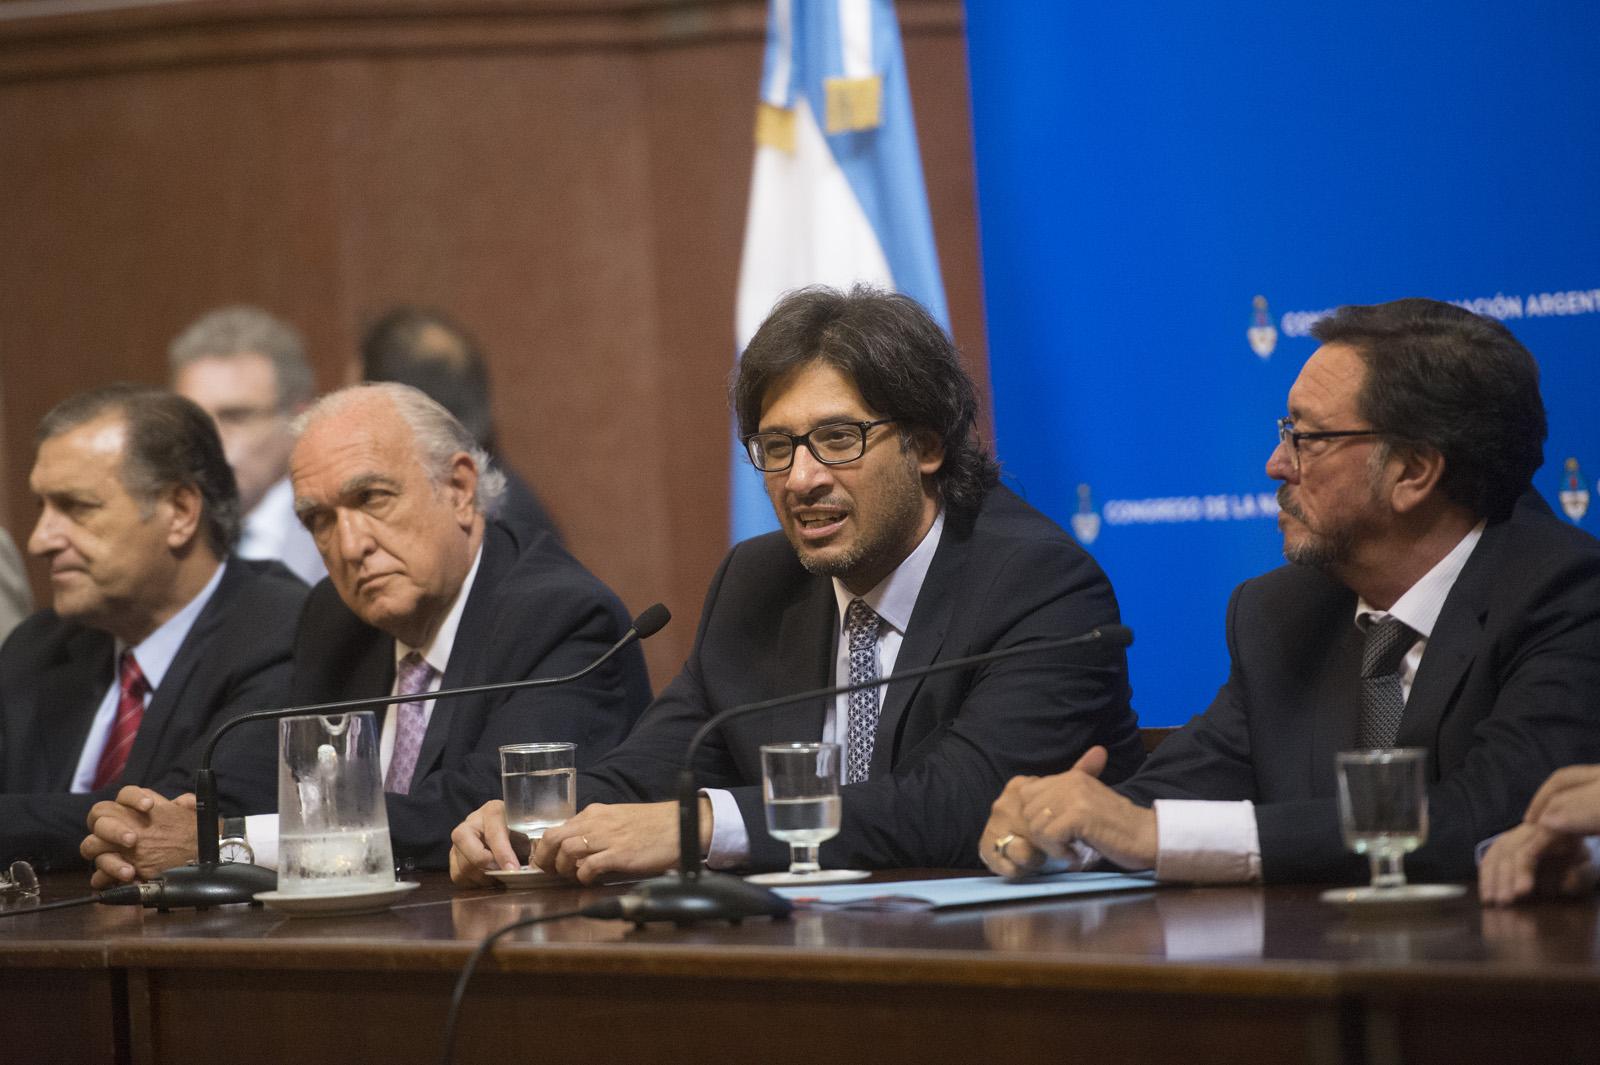 El ministro Germán Garavano durante la exposición.